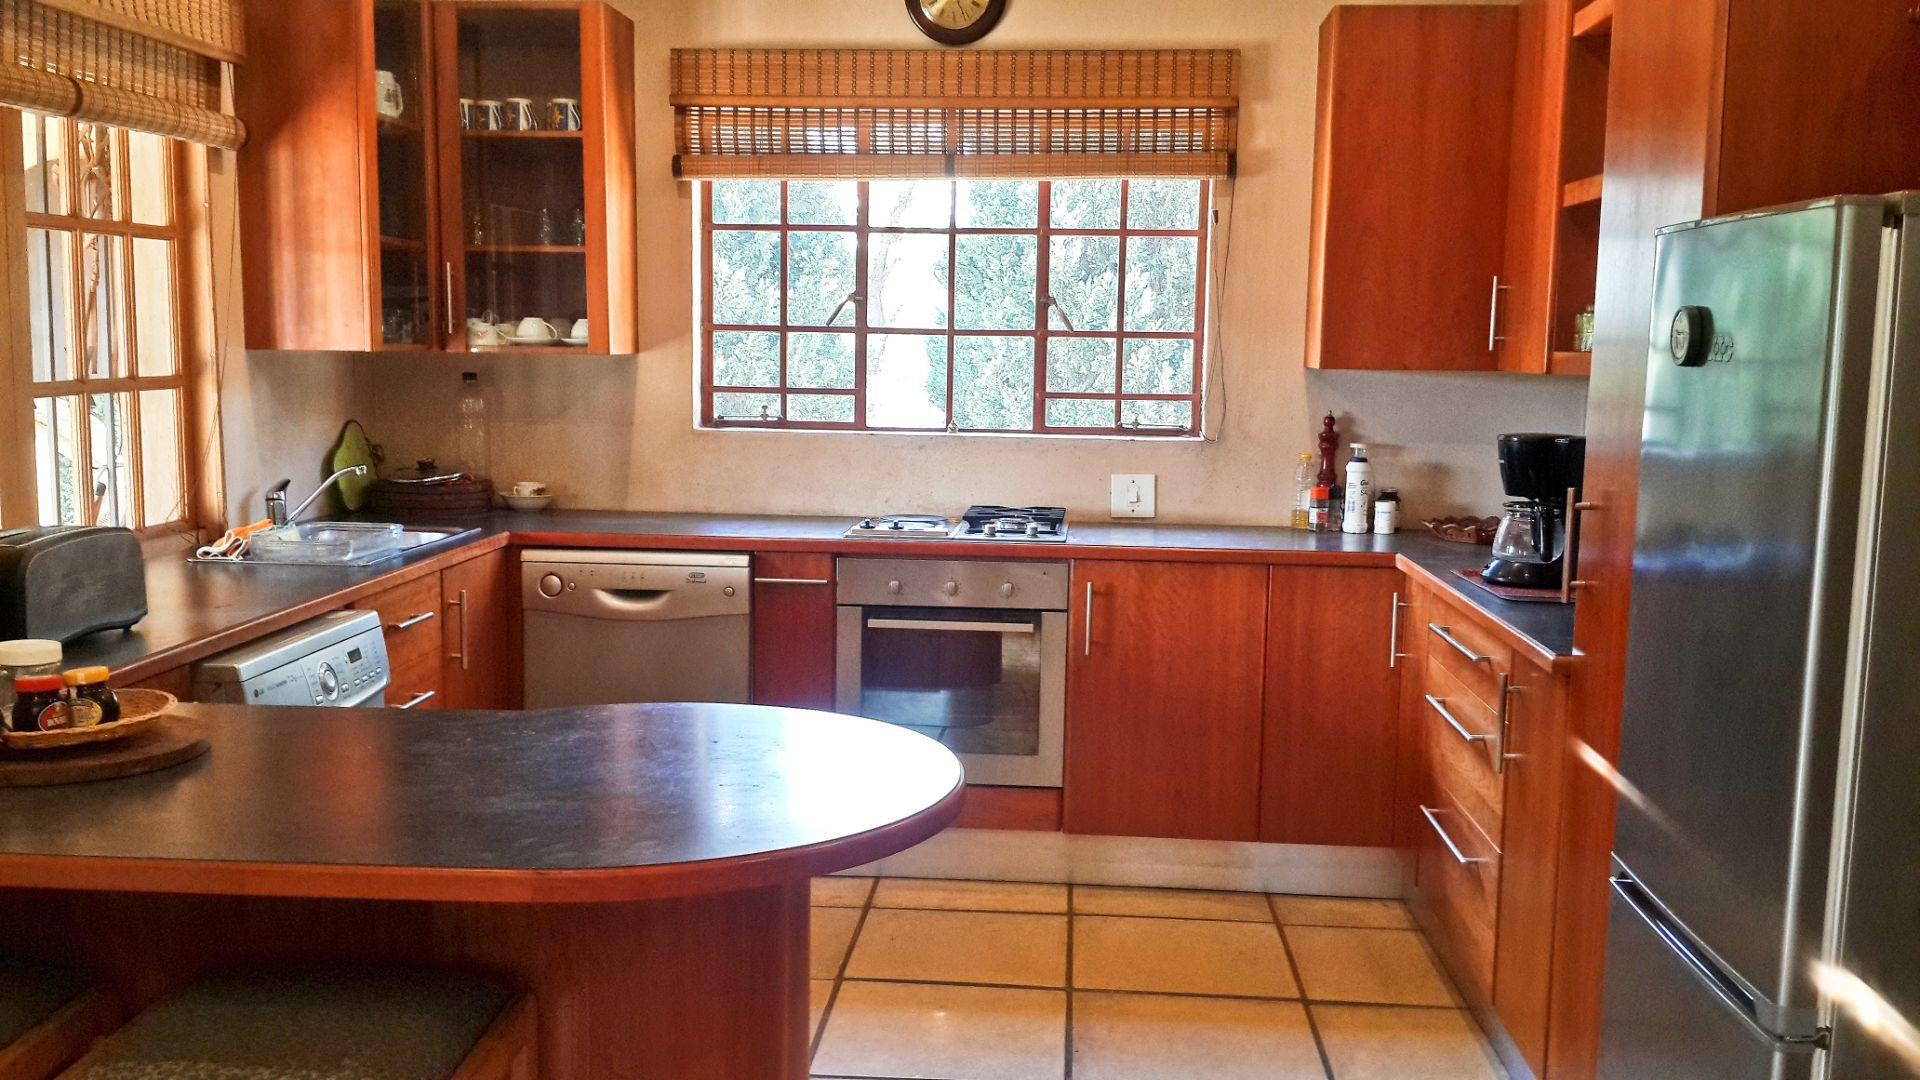 Kitchen Airb&b.jpg